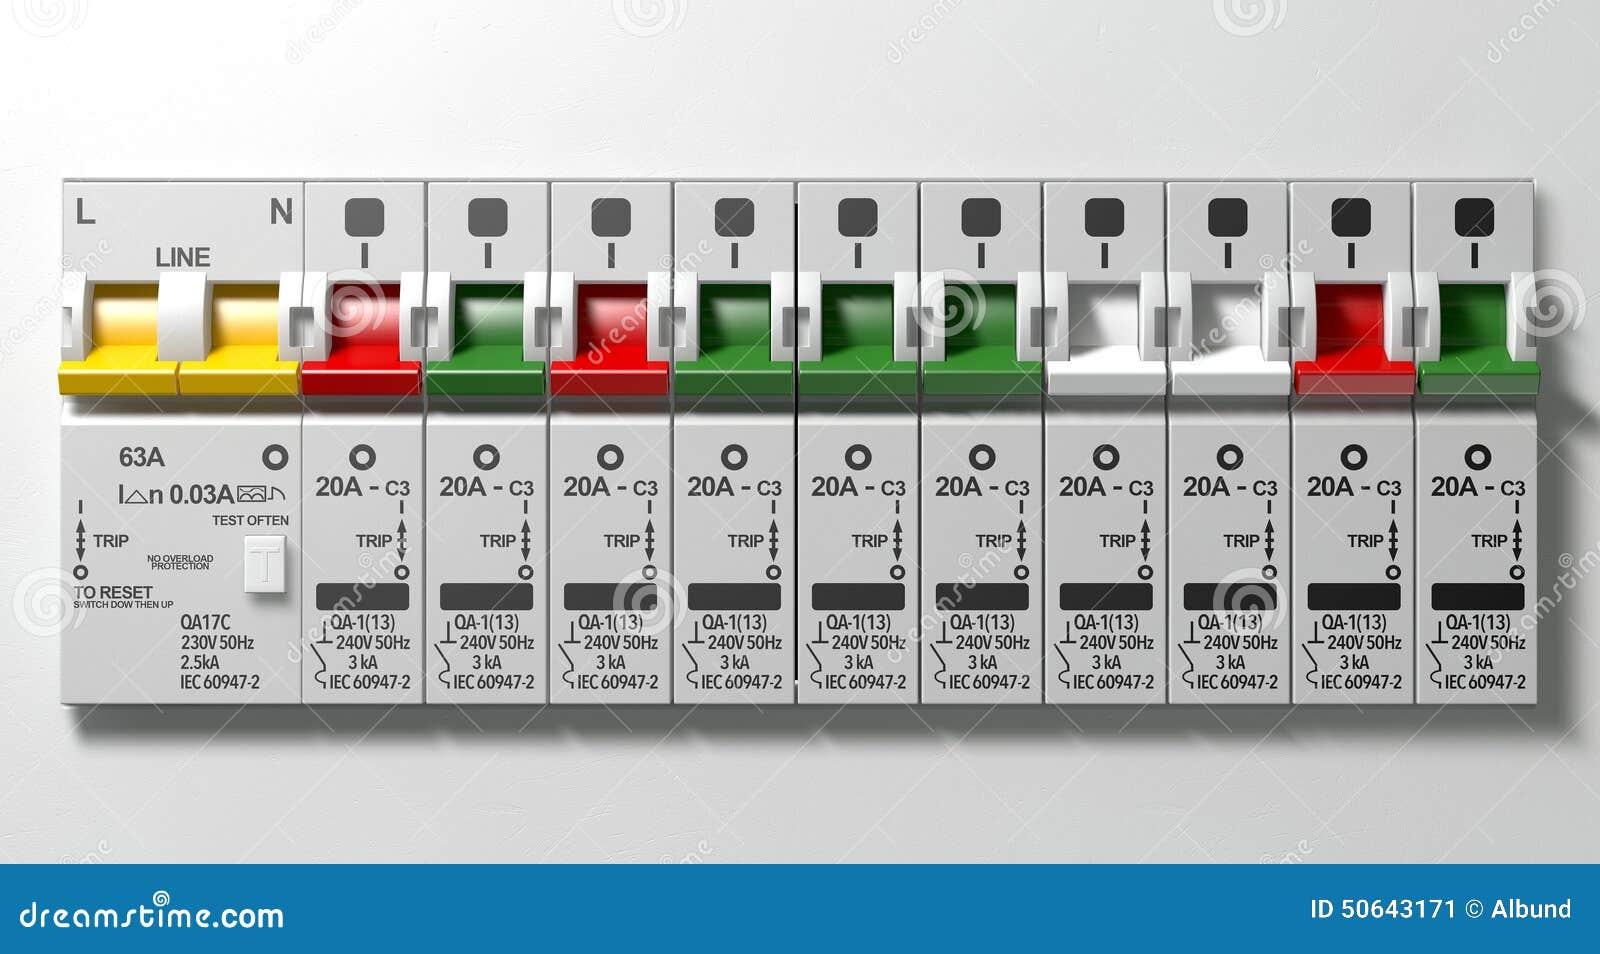 Fein Schaltplan Für 240 V Leistungsschalter Fotos - Elektrische ...